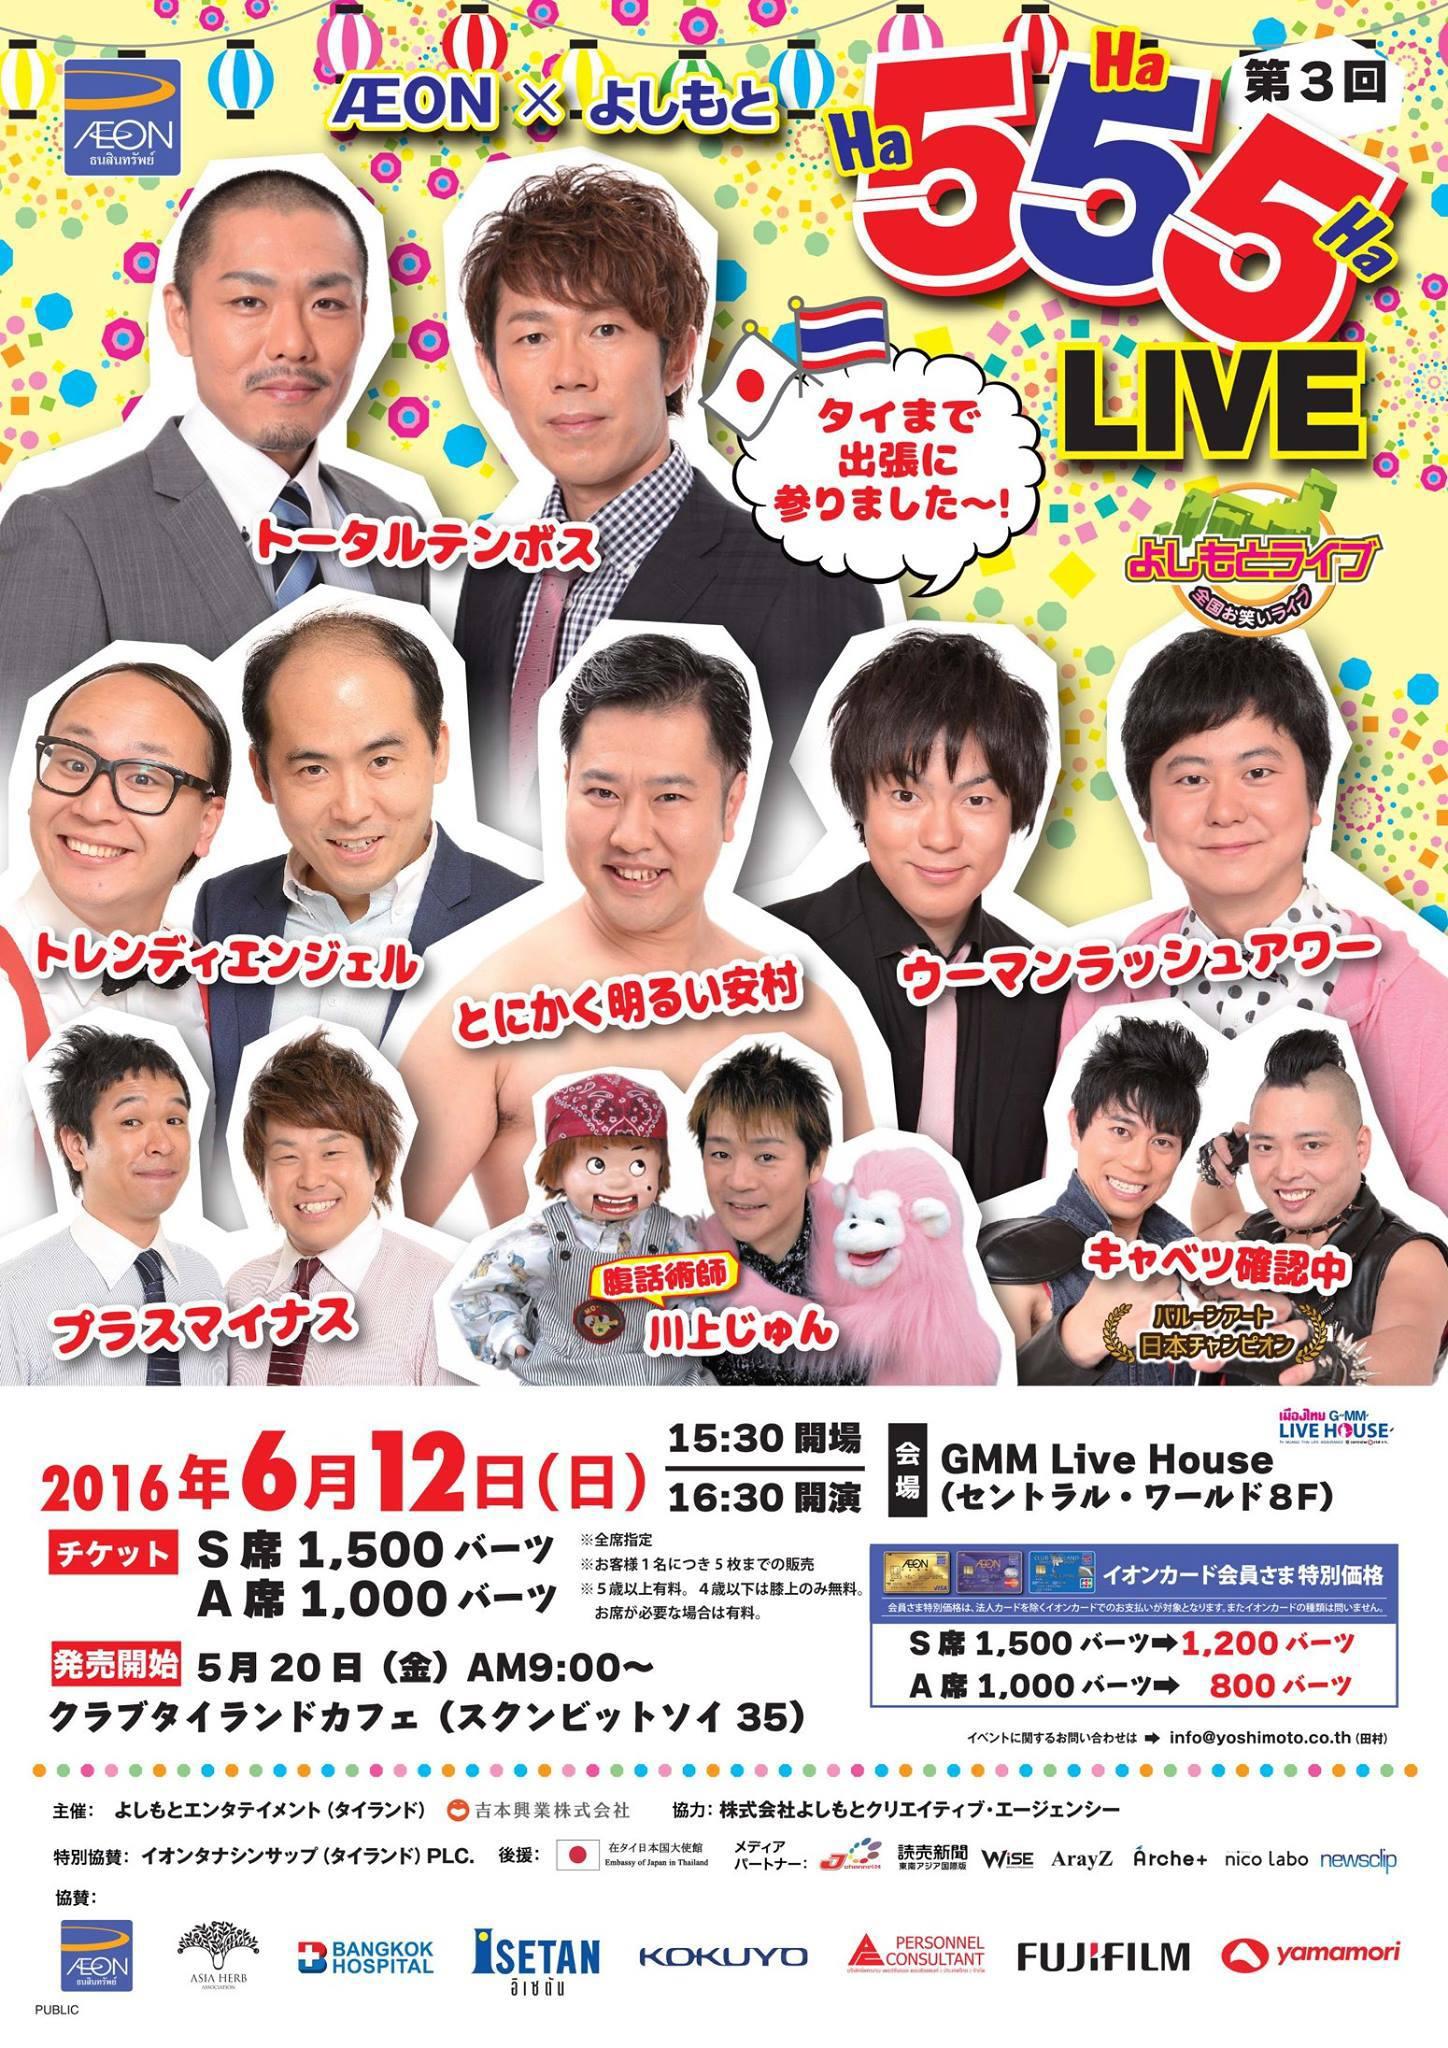 ÆON×よしもと 555LIVE_2016.06.12 (1)